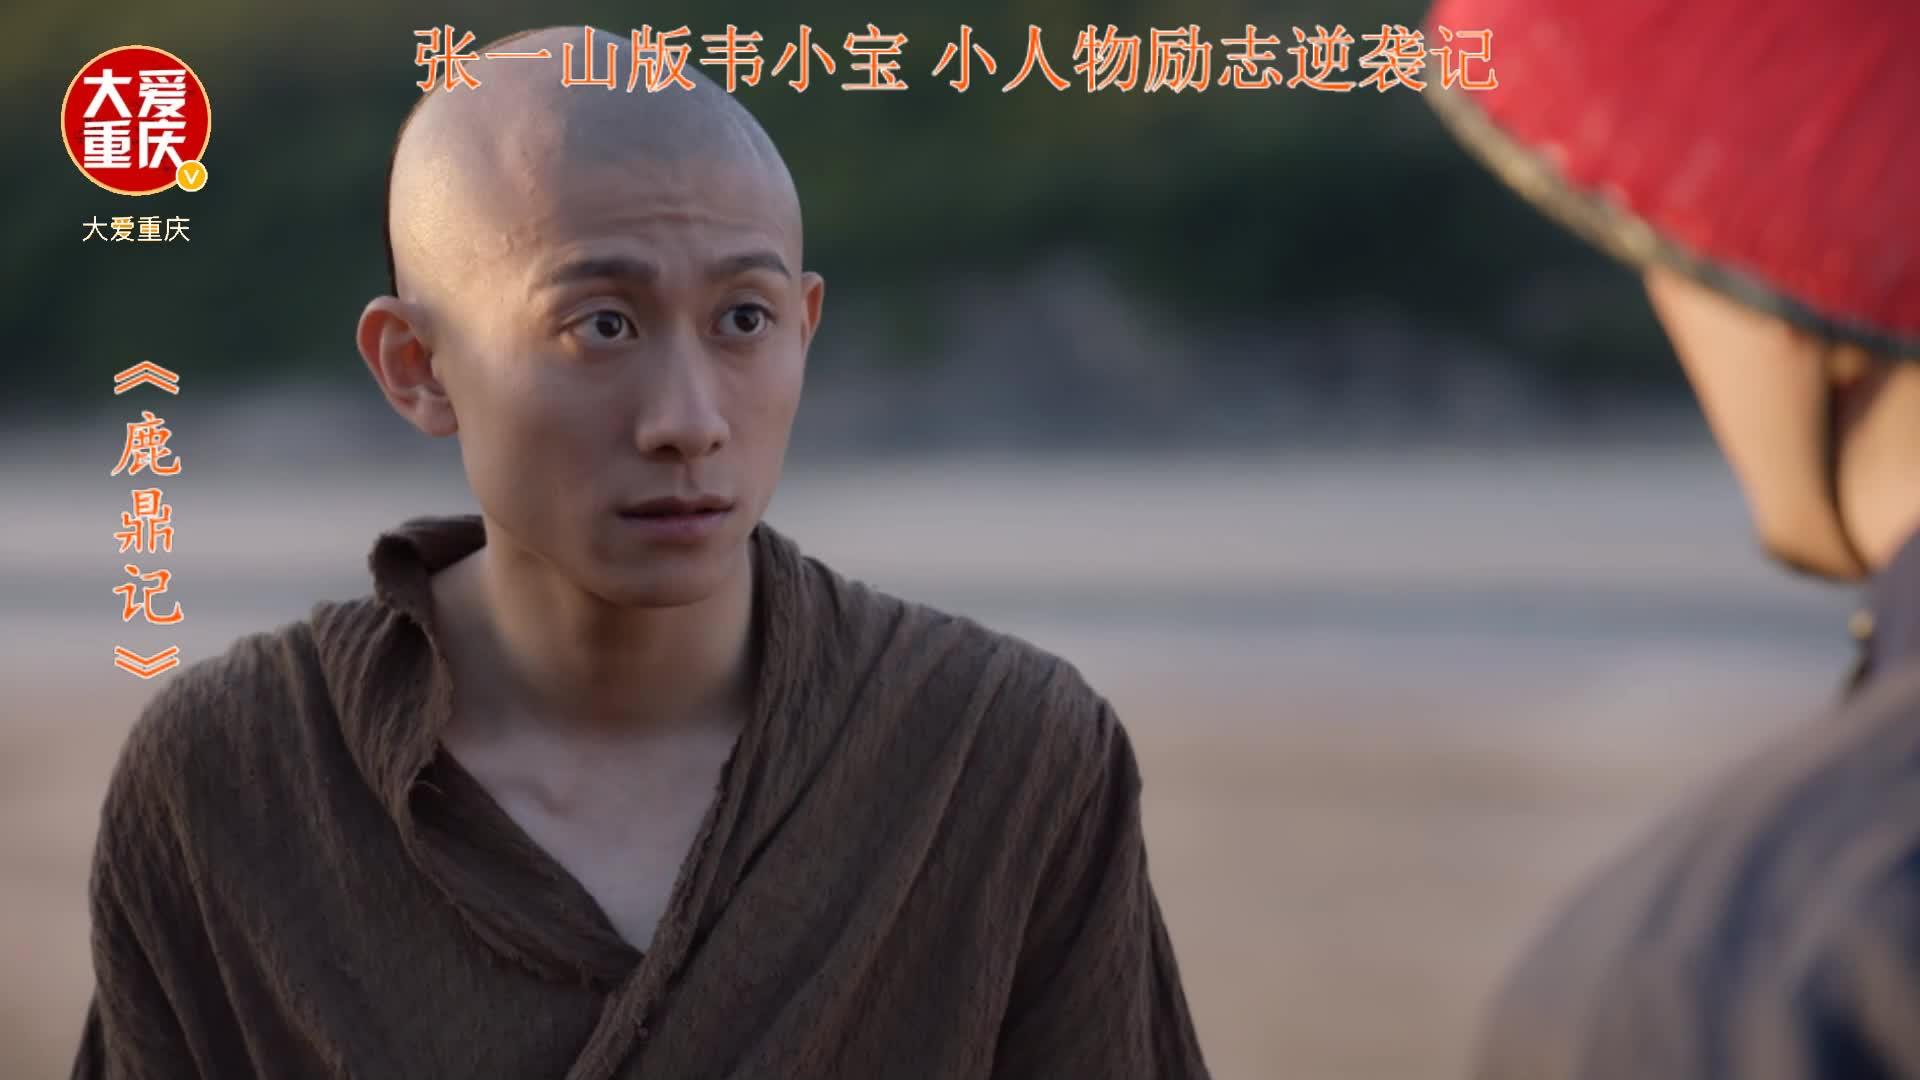 张一山 新鹿鼎记 影视剧情剪辑 第 (31)